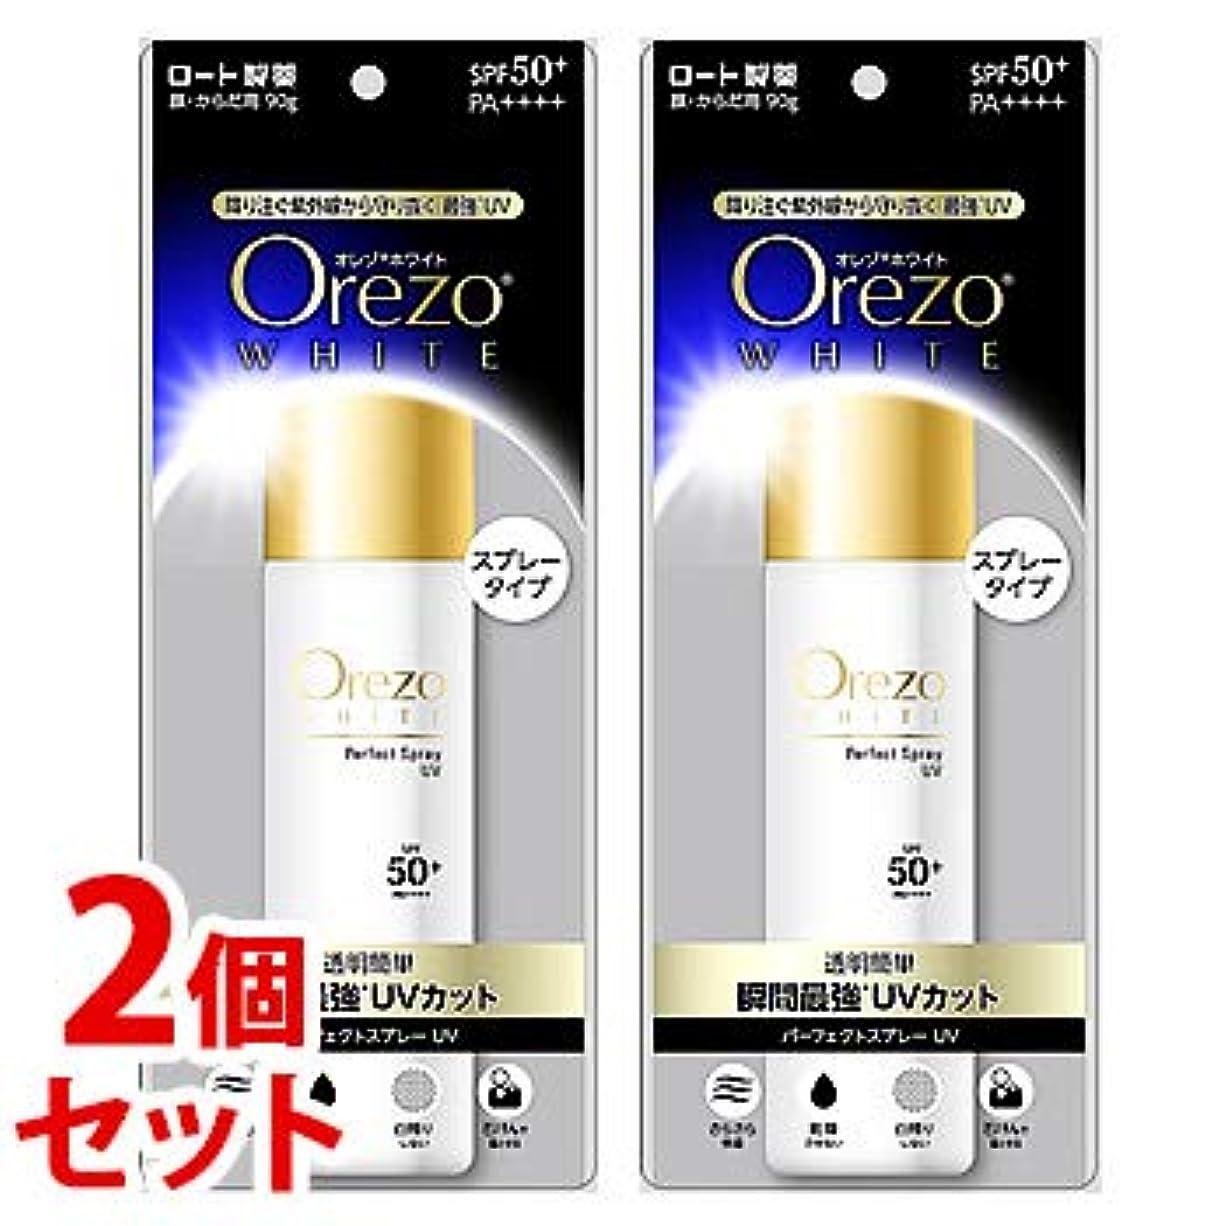 市場外科医キリマンジャロ《セット販売》 ロート製薬 Orezo オレゾ ホワイト パーフェクトスプレーUV SPF50+ PA++++ (90g)×2個セット 顔?からだ用 日やけ止め スプレータイプ